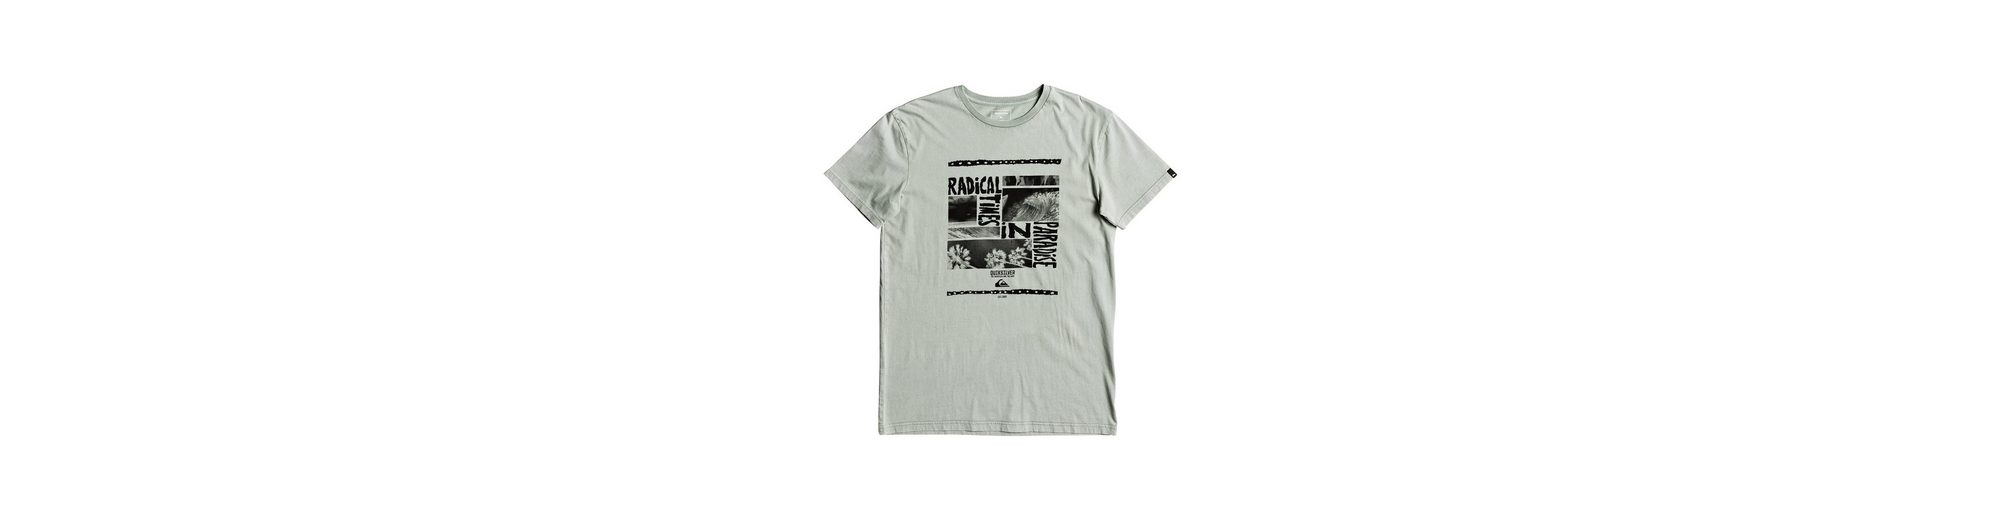 Viele Arten Wählen Sie Einen Besten Günstigen Preis Quiksilver T-Shirt Speciality Radical Trip Freies Verschiffen Ursprüngliche Kaufen Neueste Am Billigsten 9HAa3GxHlh